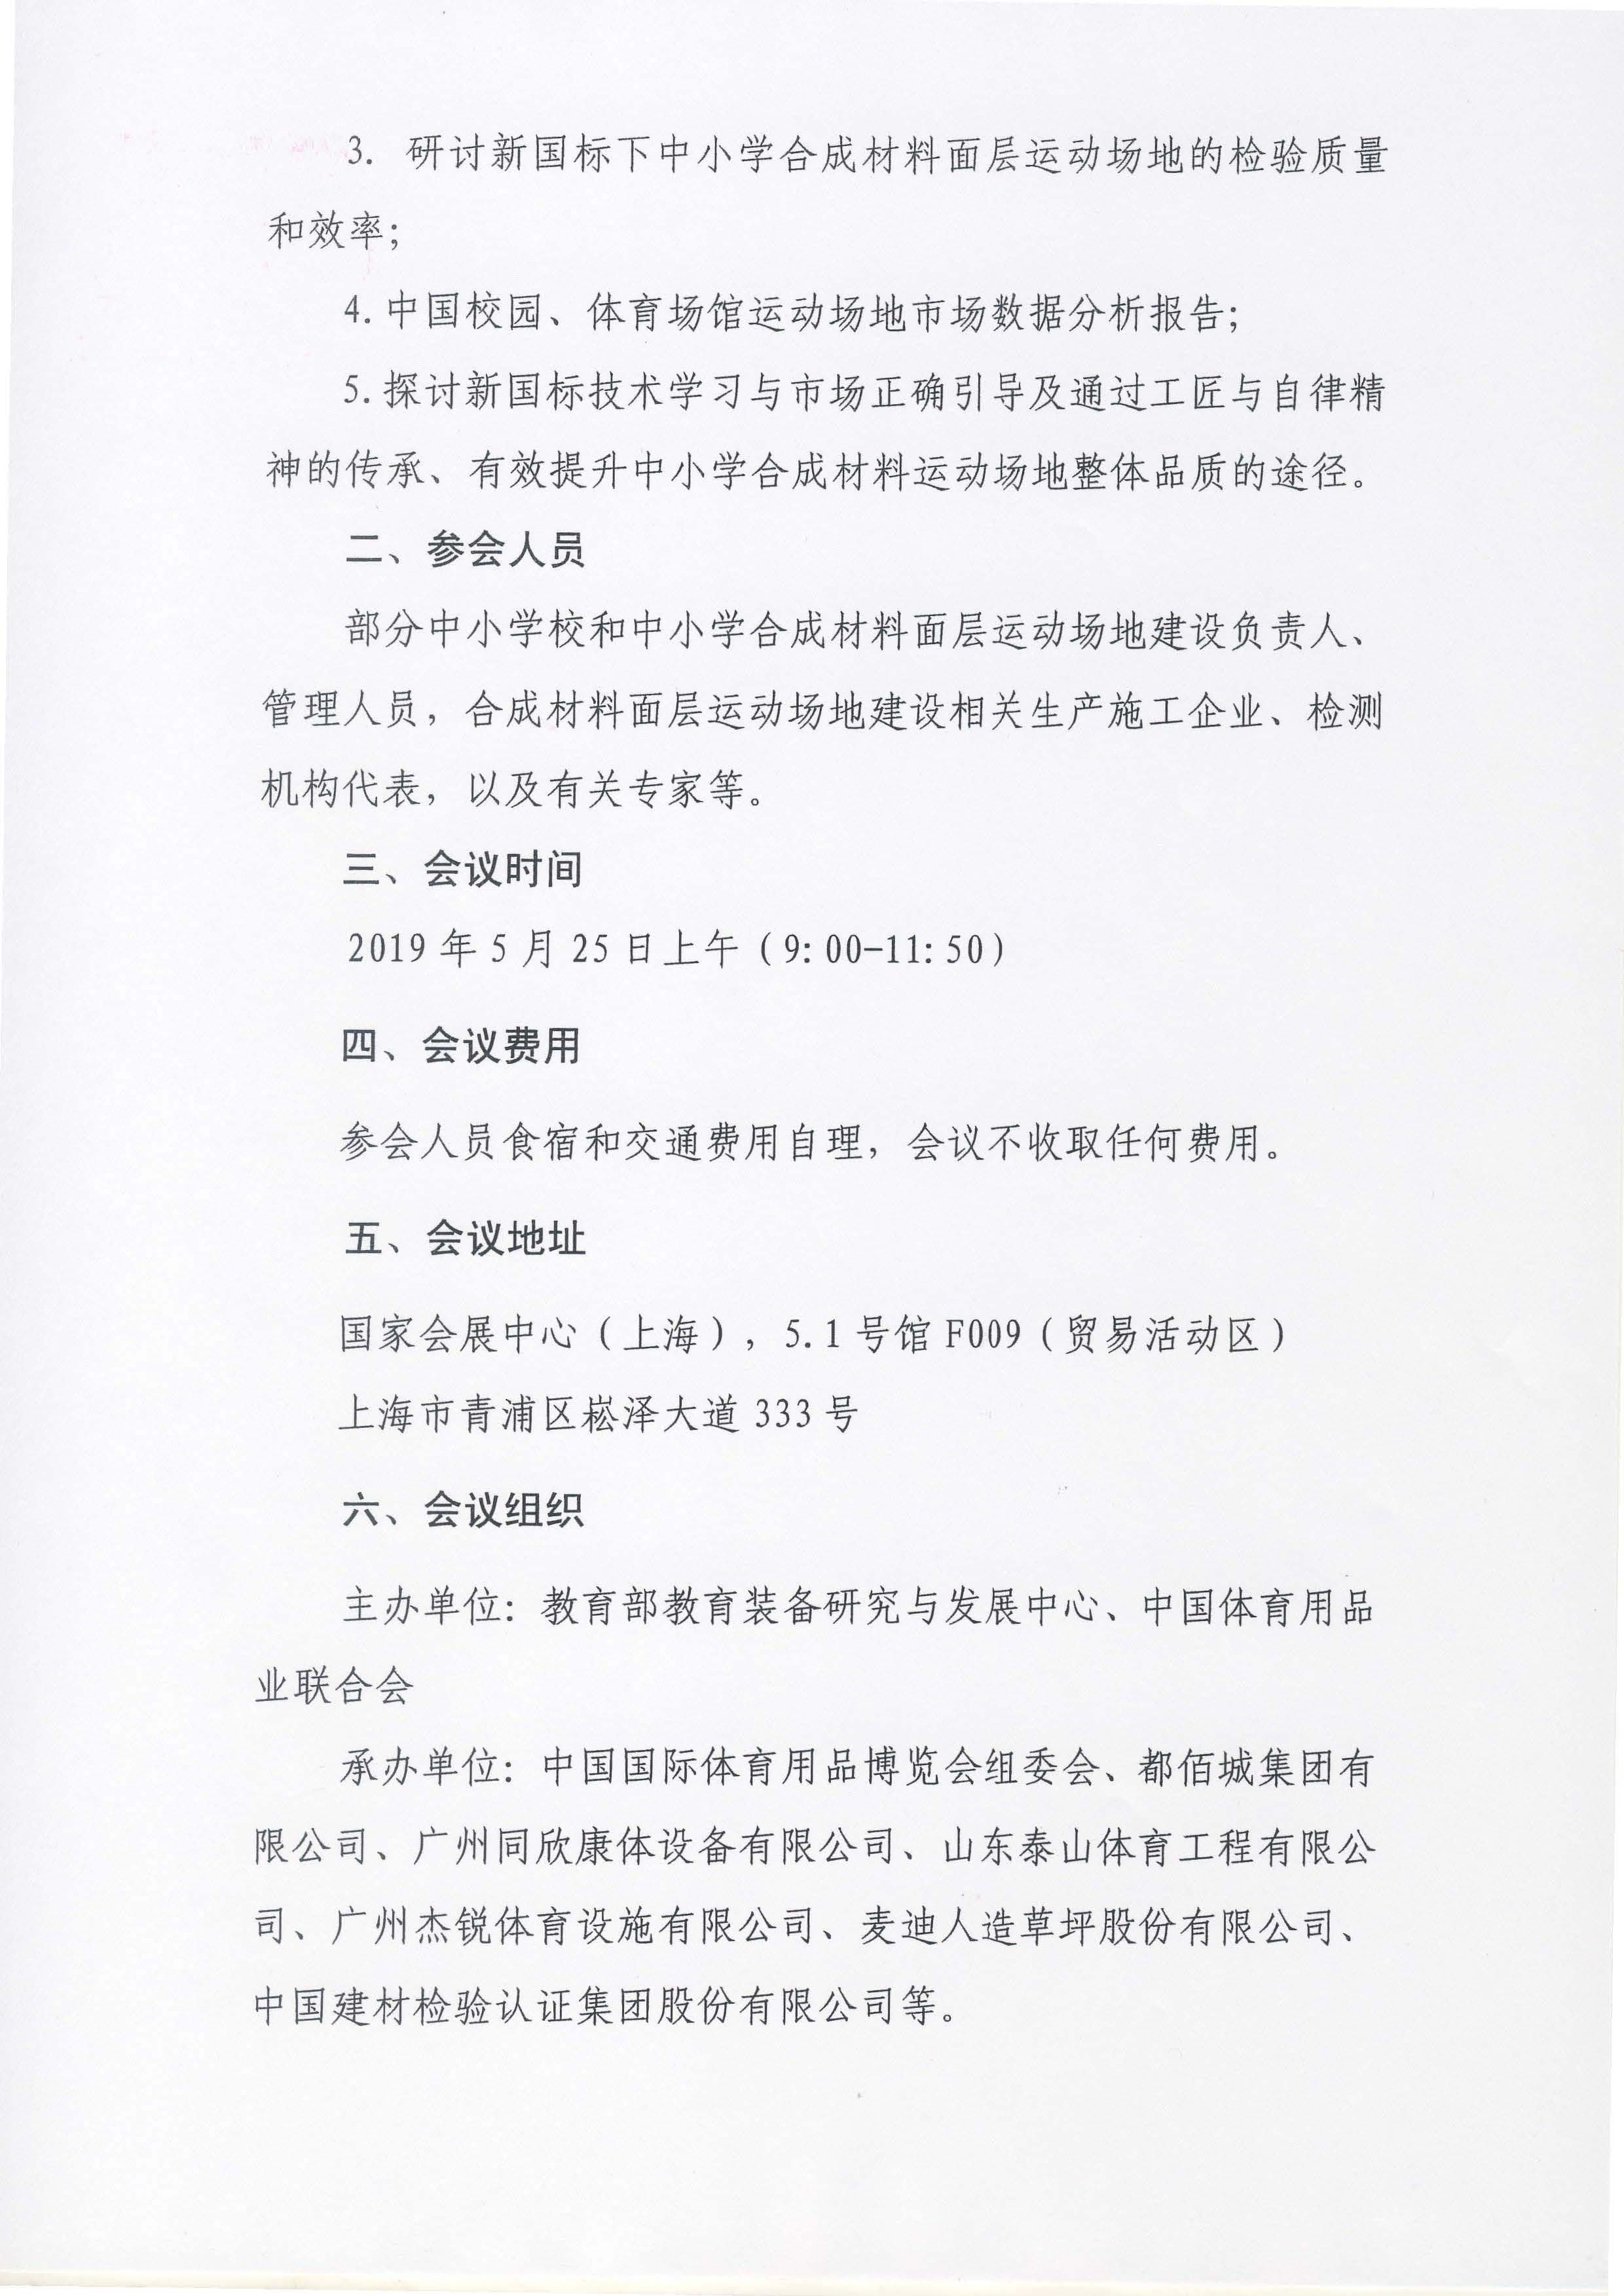 教育部装备中心会议通知:25号上海_页面_2